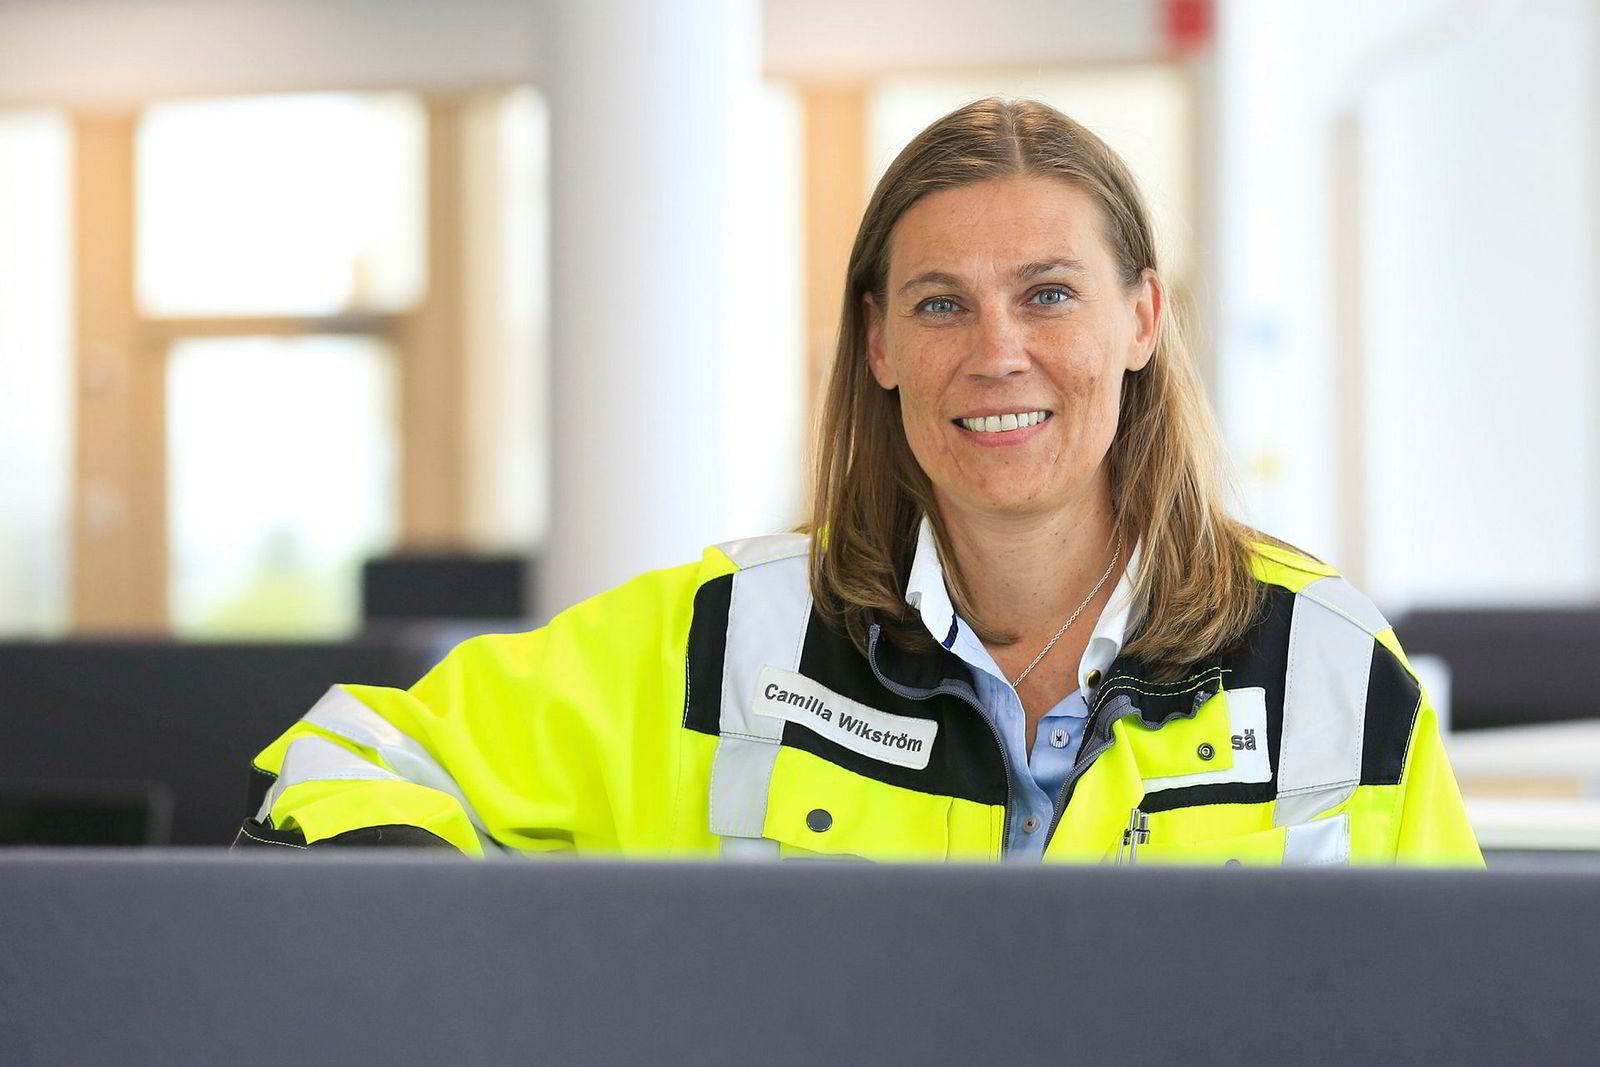 Siemens - Metsä Group fabrikk - industri 4.0 Metsä fabrikk Äänekoski. Camilla Wickström